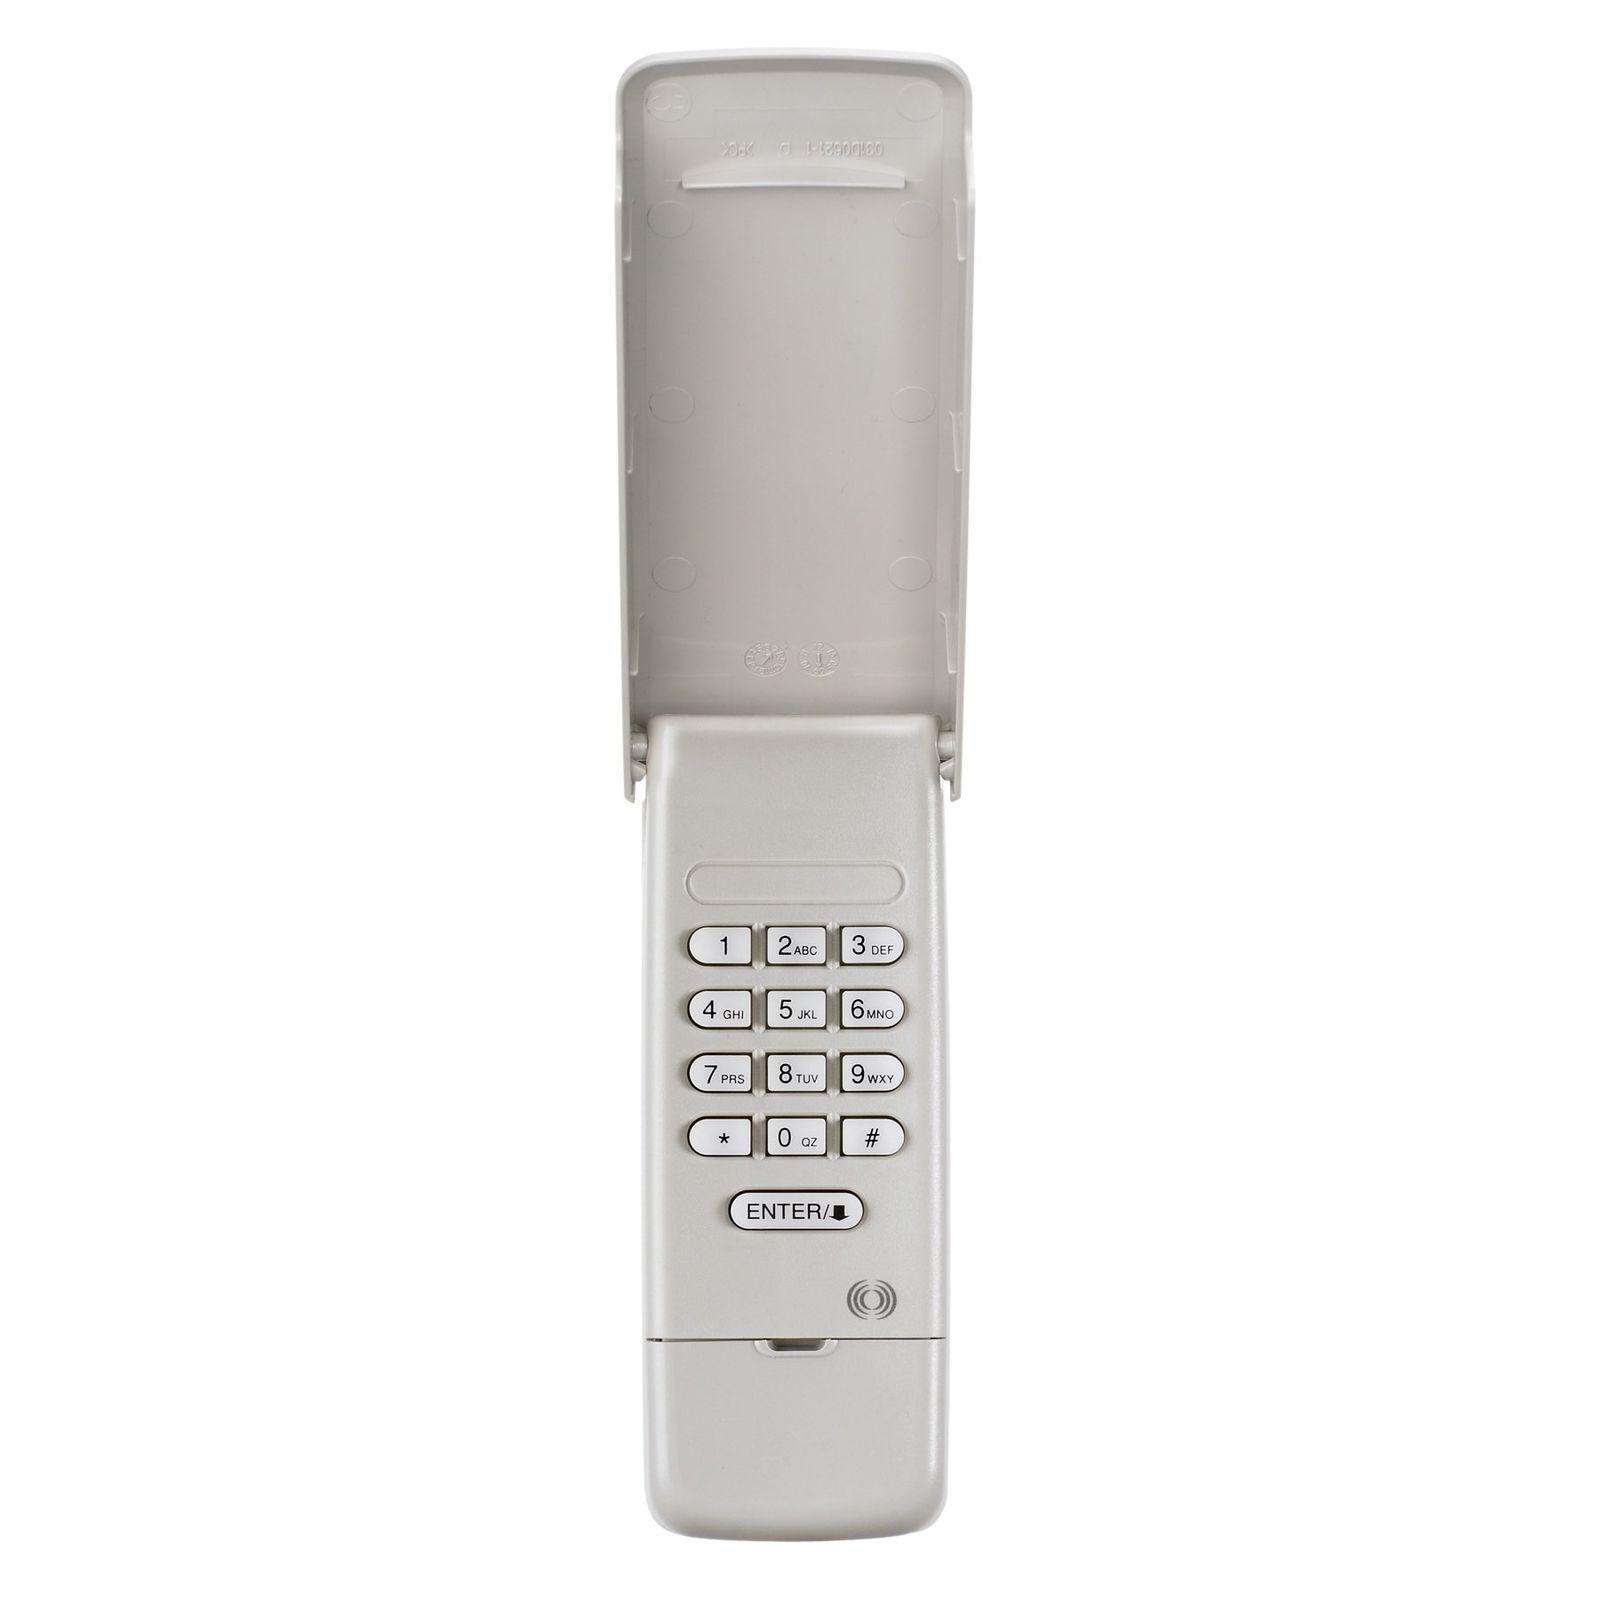 Chamberlain 940ev Garage Wireless Keyless Entry For Door Opener Ebay